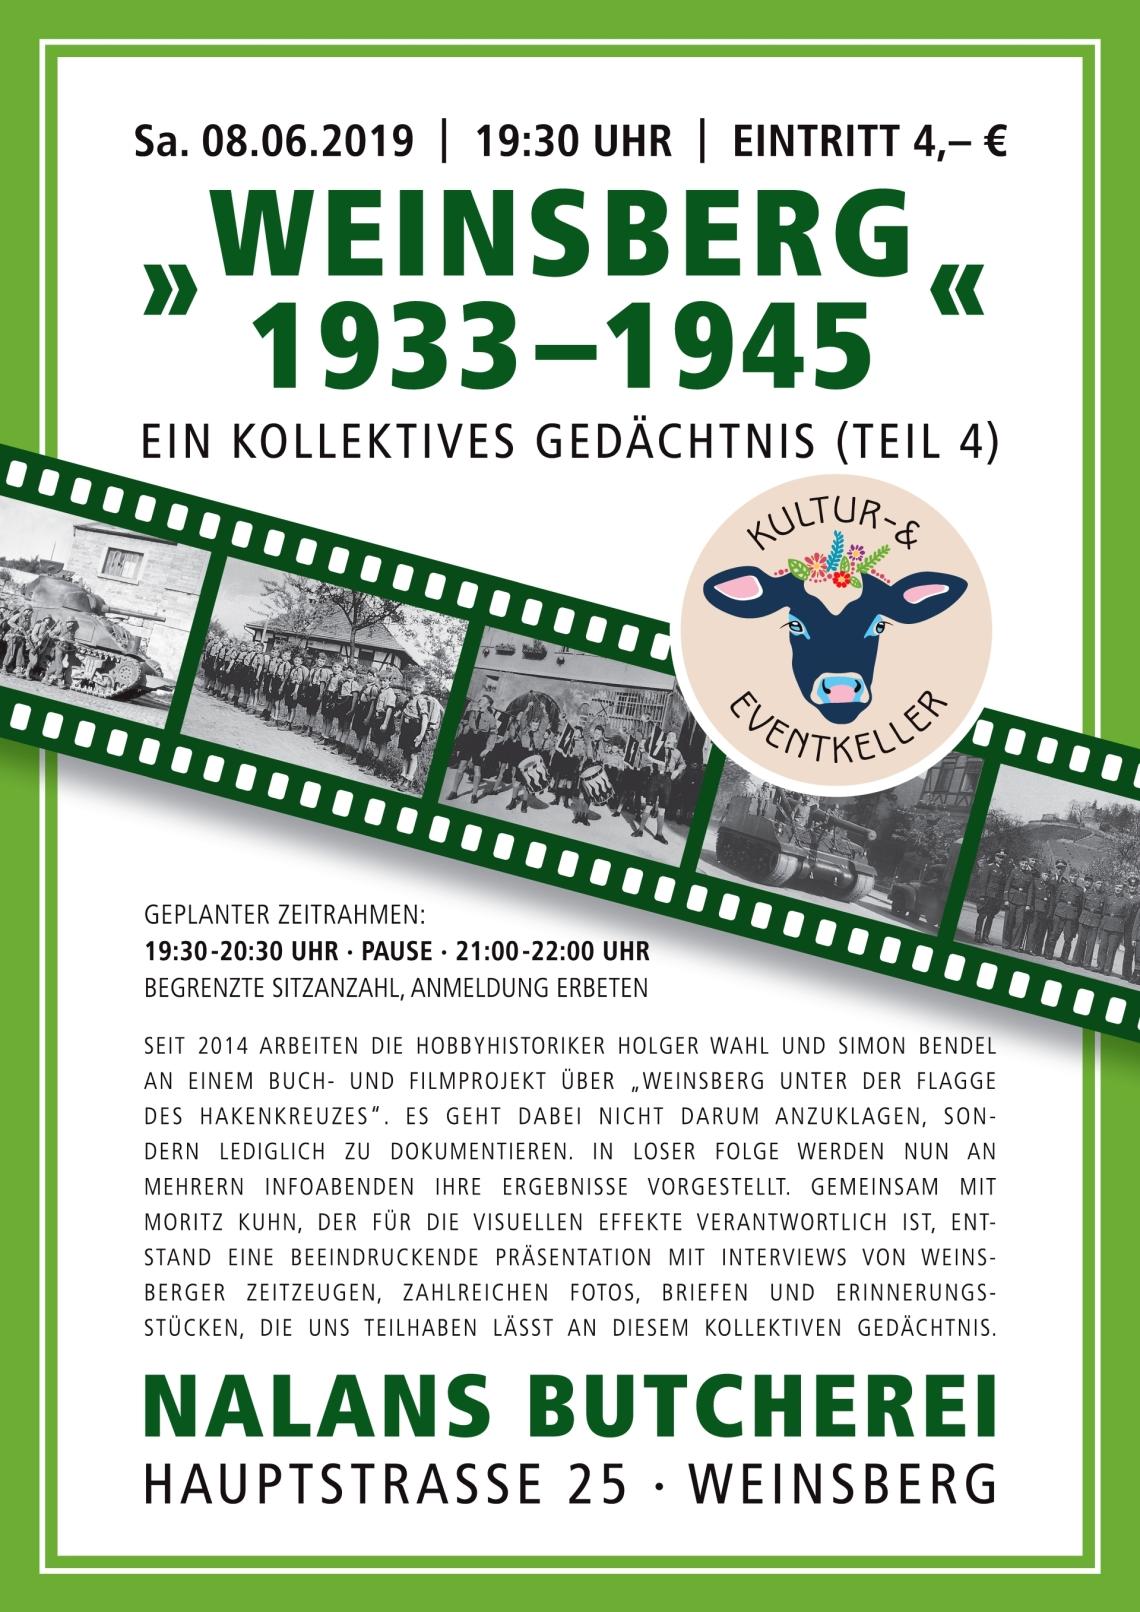 Weinsberg33-45_Teil4